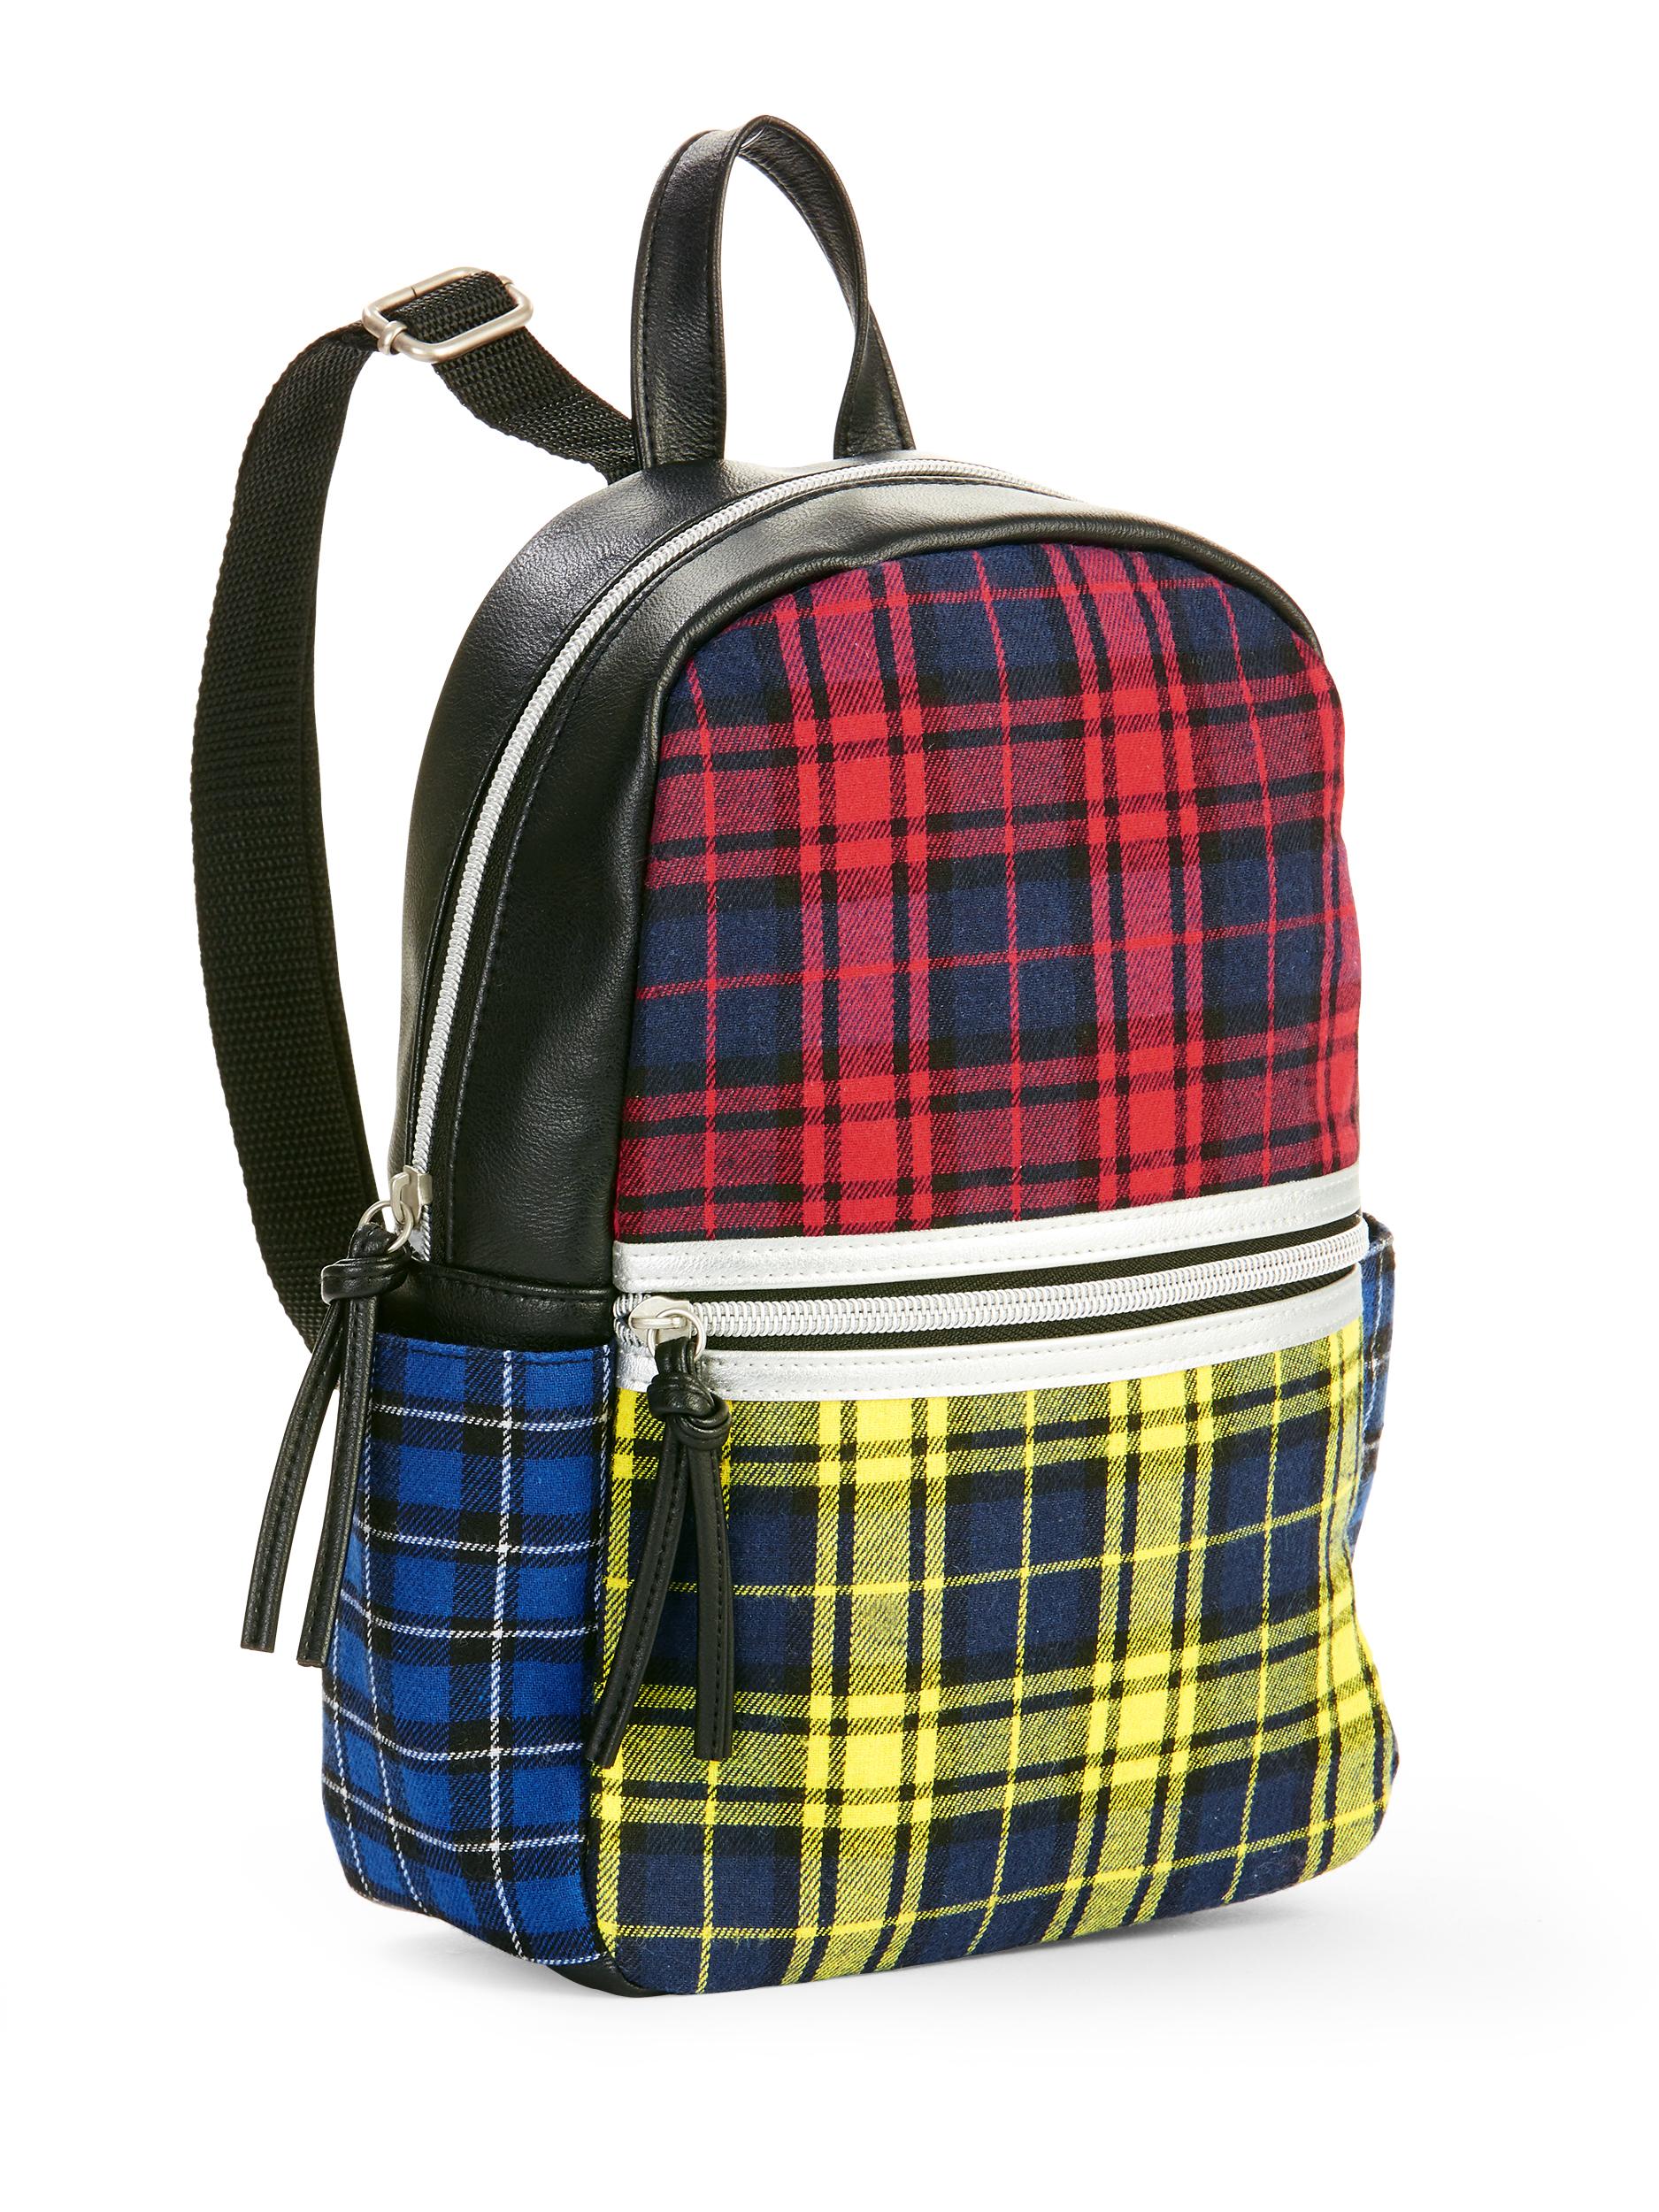 Twig & Arrow Plaid Mini Backpack